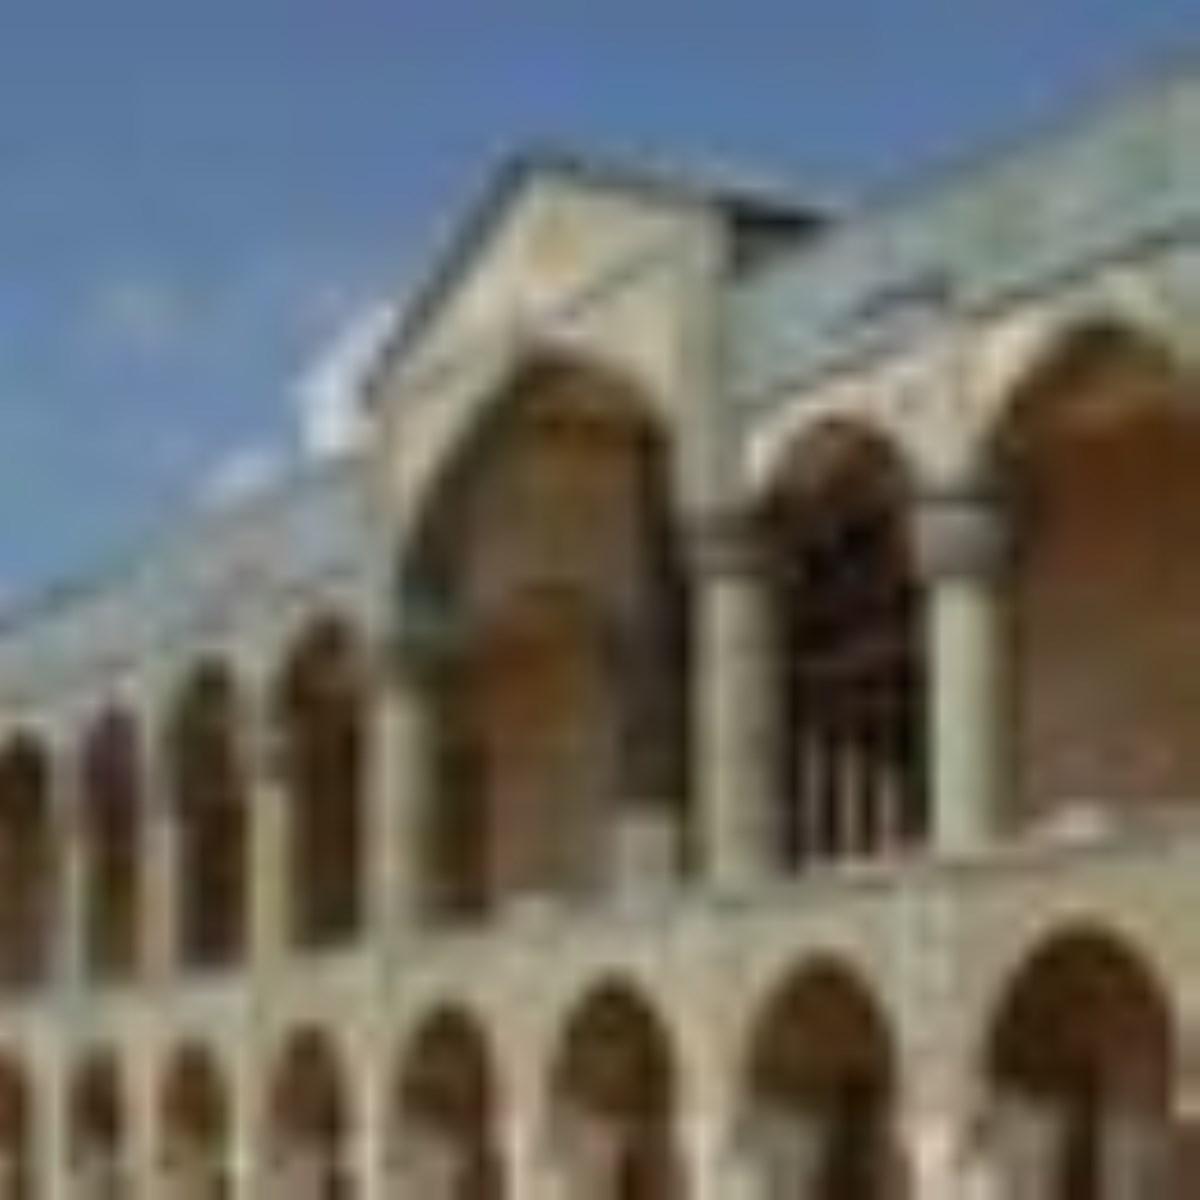 معرفي بناهاي مذهبي تاريخي شهرستان جاجرم